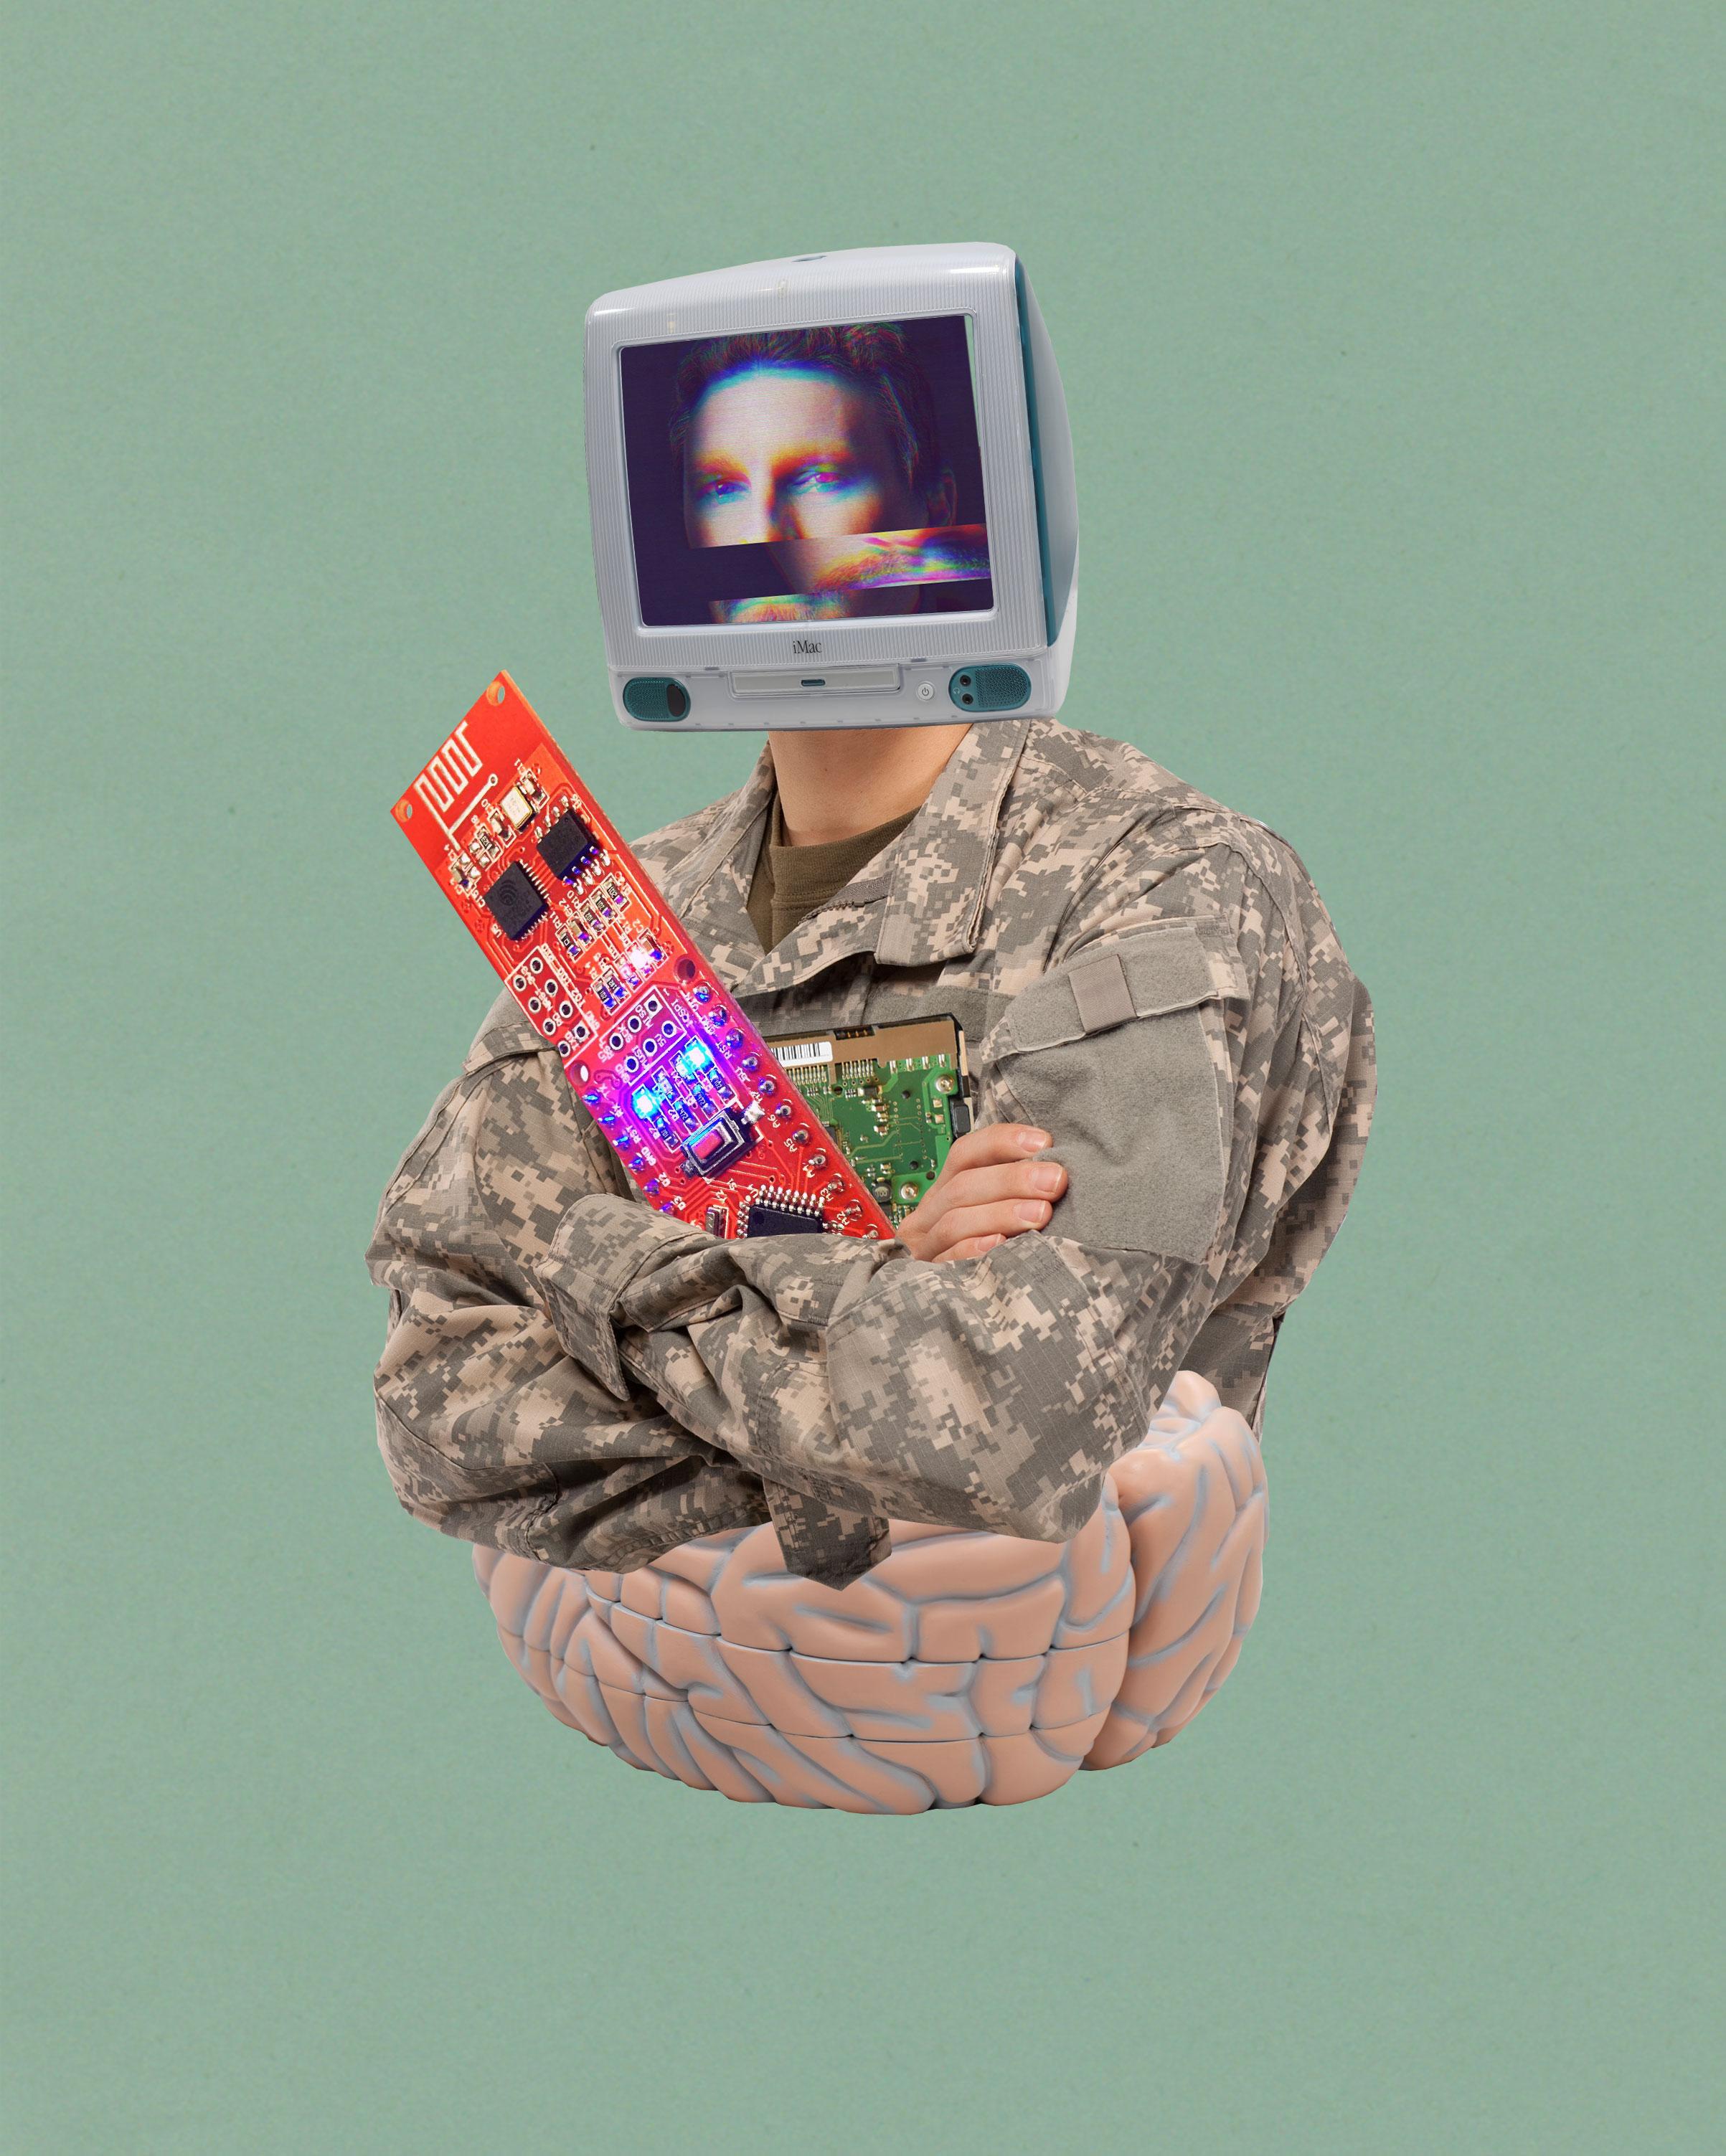 米軍が本気で取り組む 「心を読む機械」の現在